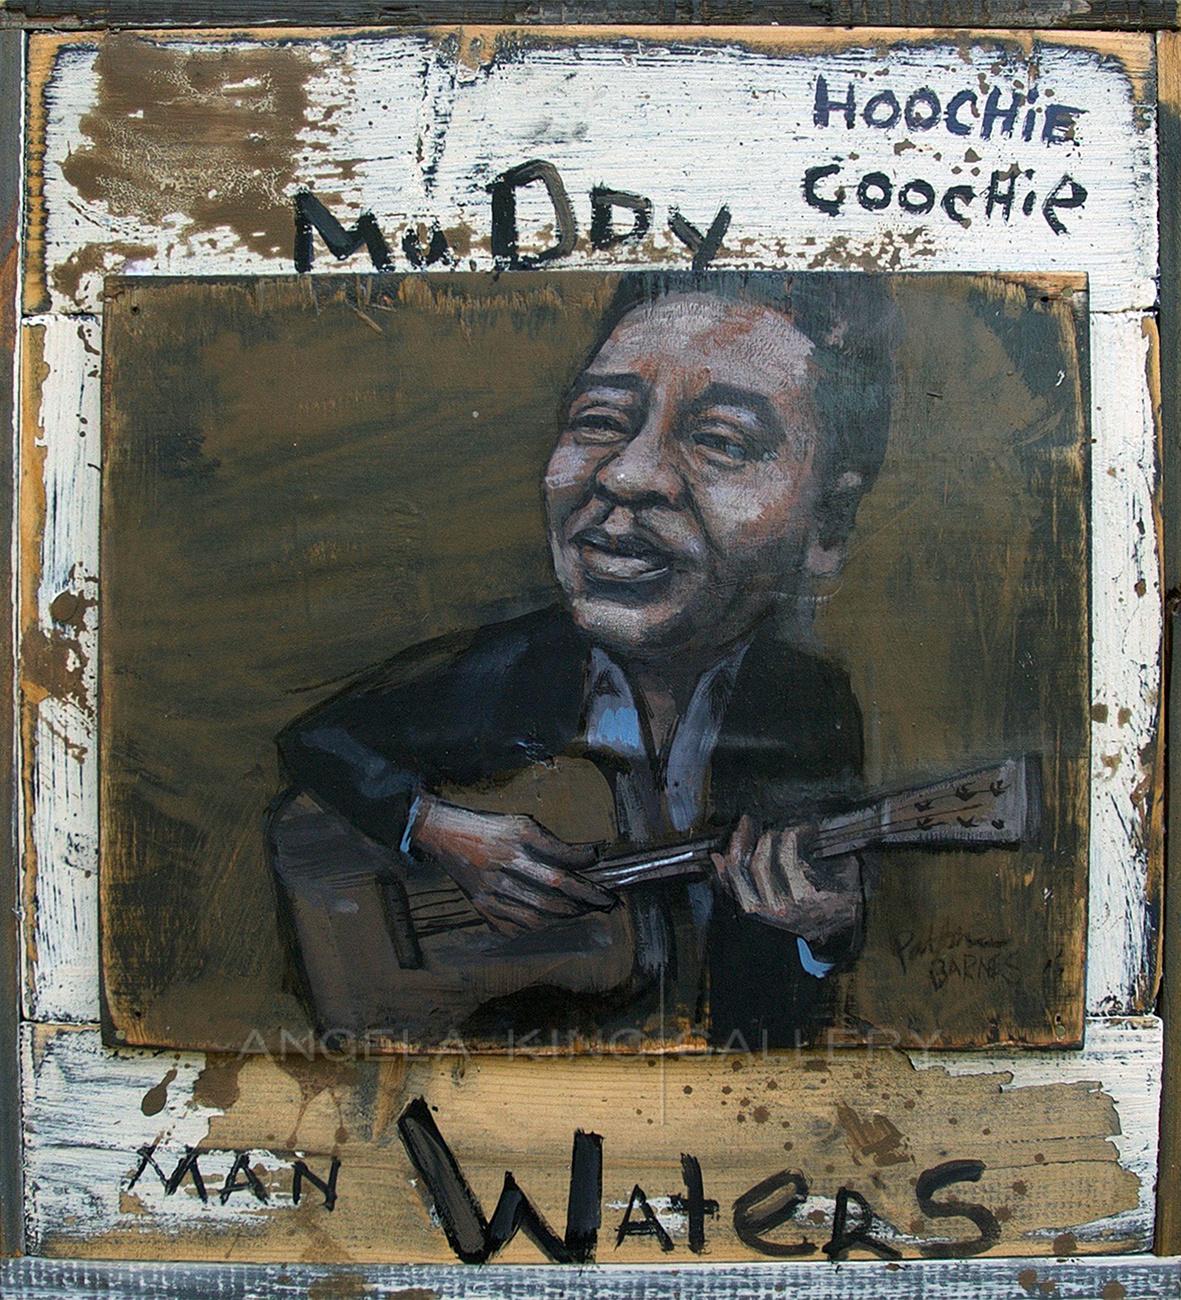 Muddy Hoochie Coochie Waters